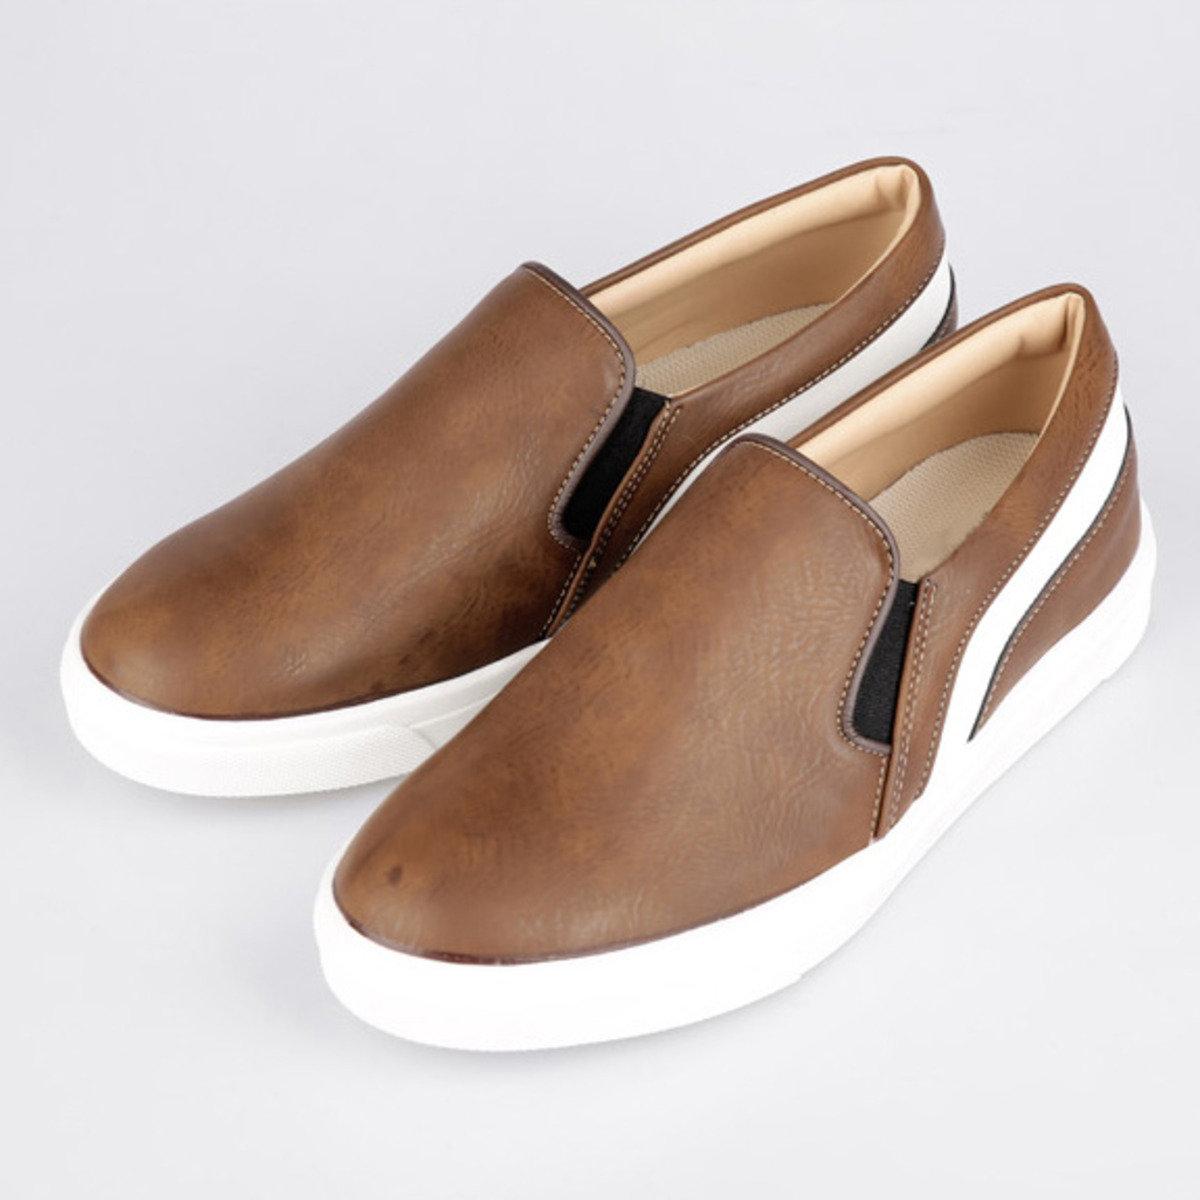 流線形休閒皮鞋_SH1_160128170